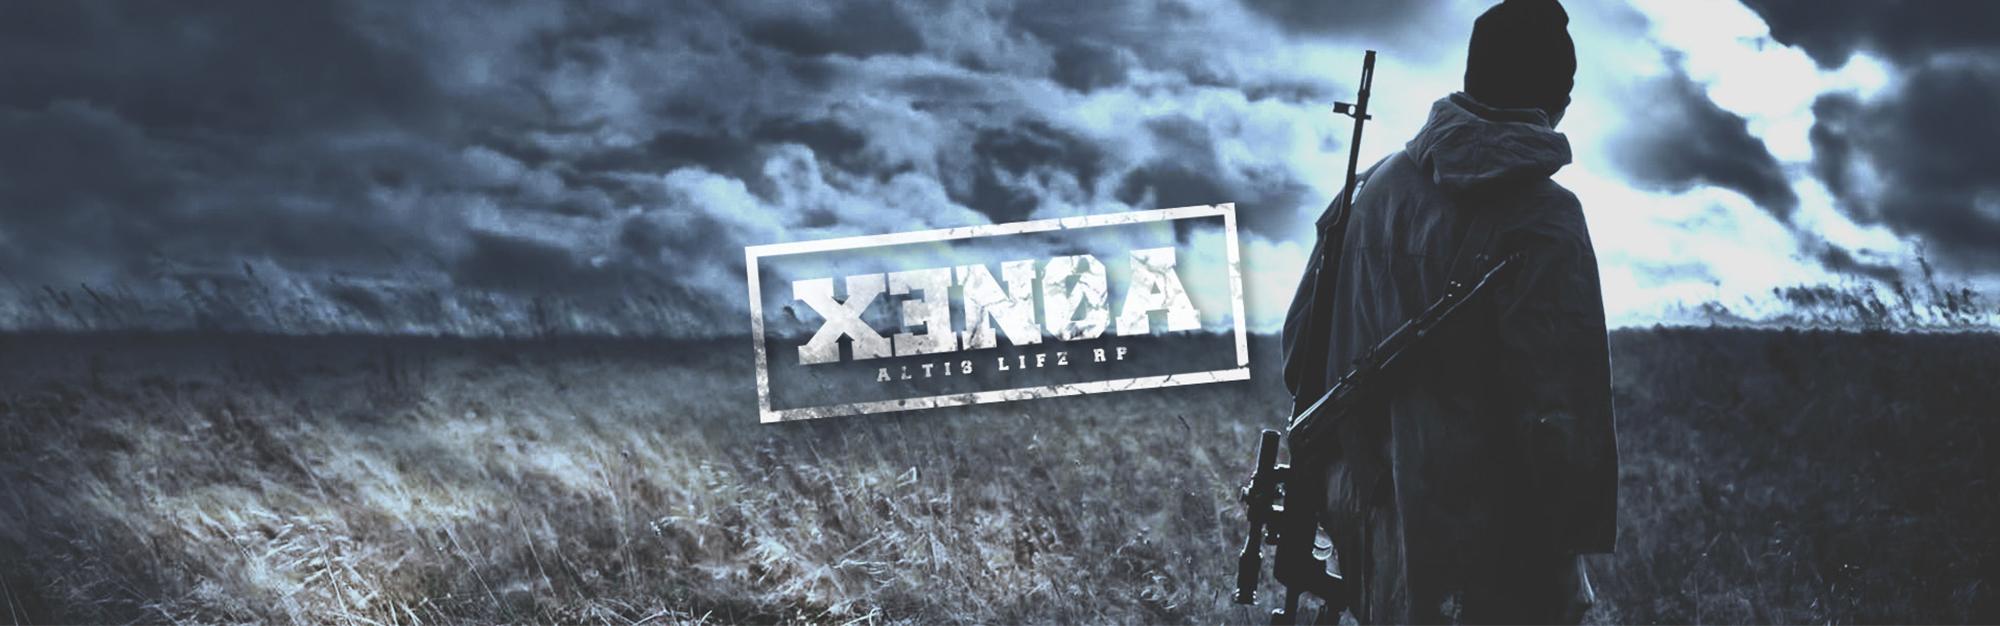 [RP/FR] Altis Life | Xenoa